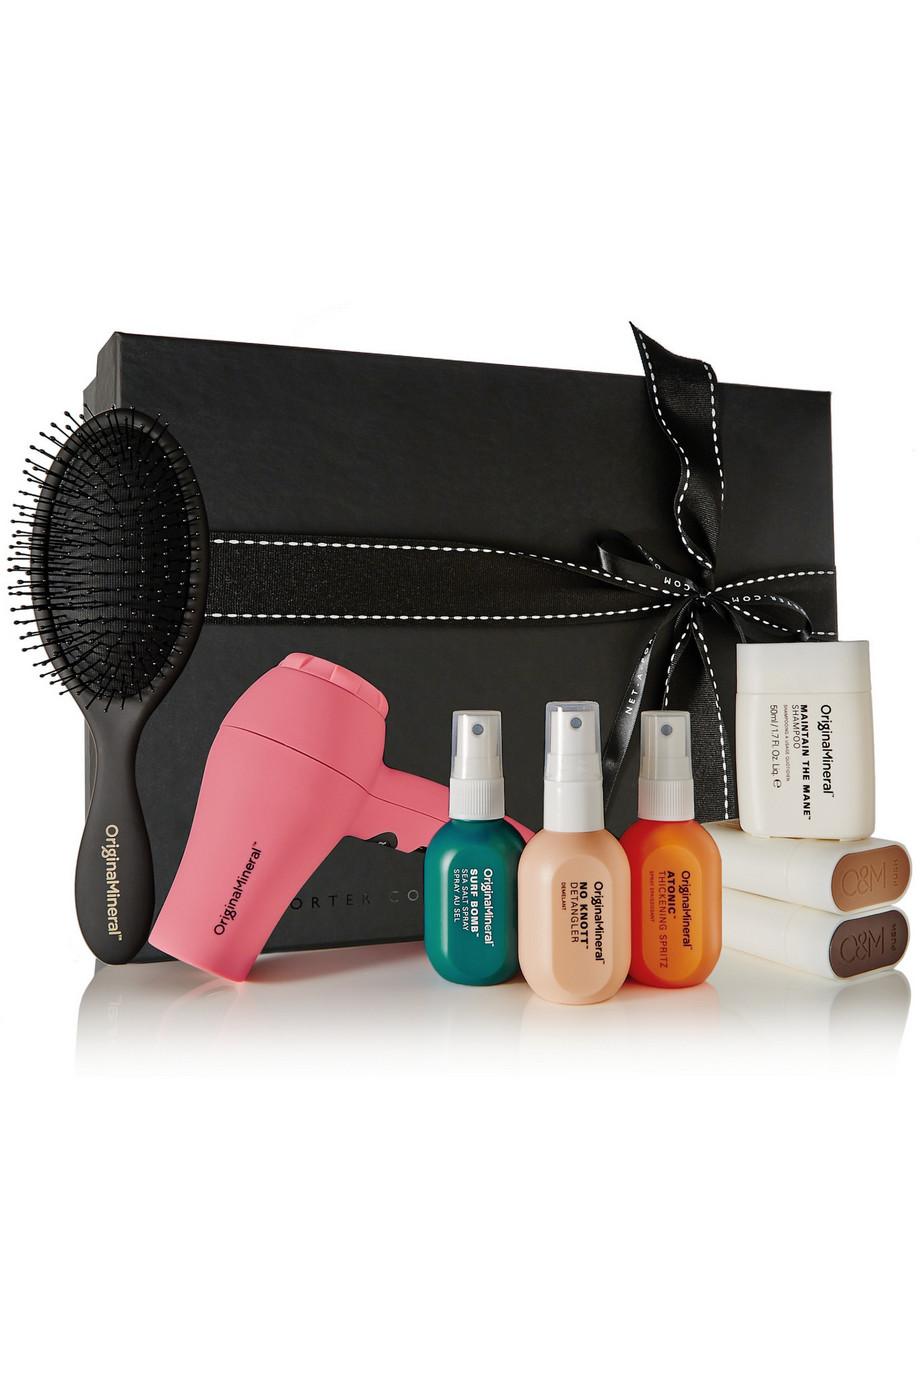 Hair Travel Essentials Set, by Original & Mineral